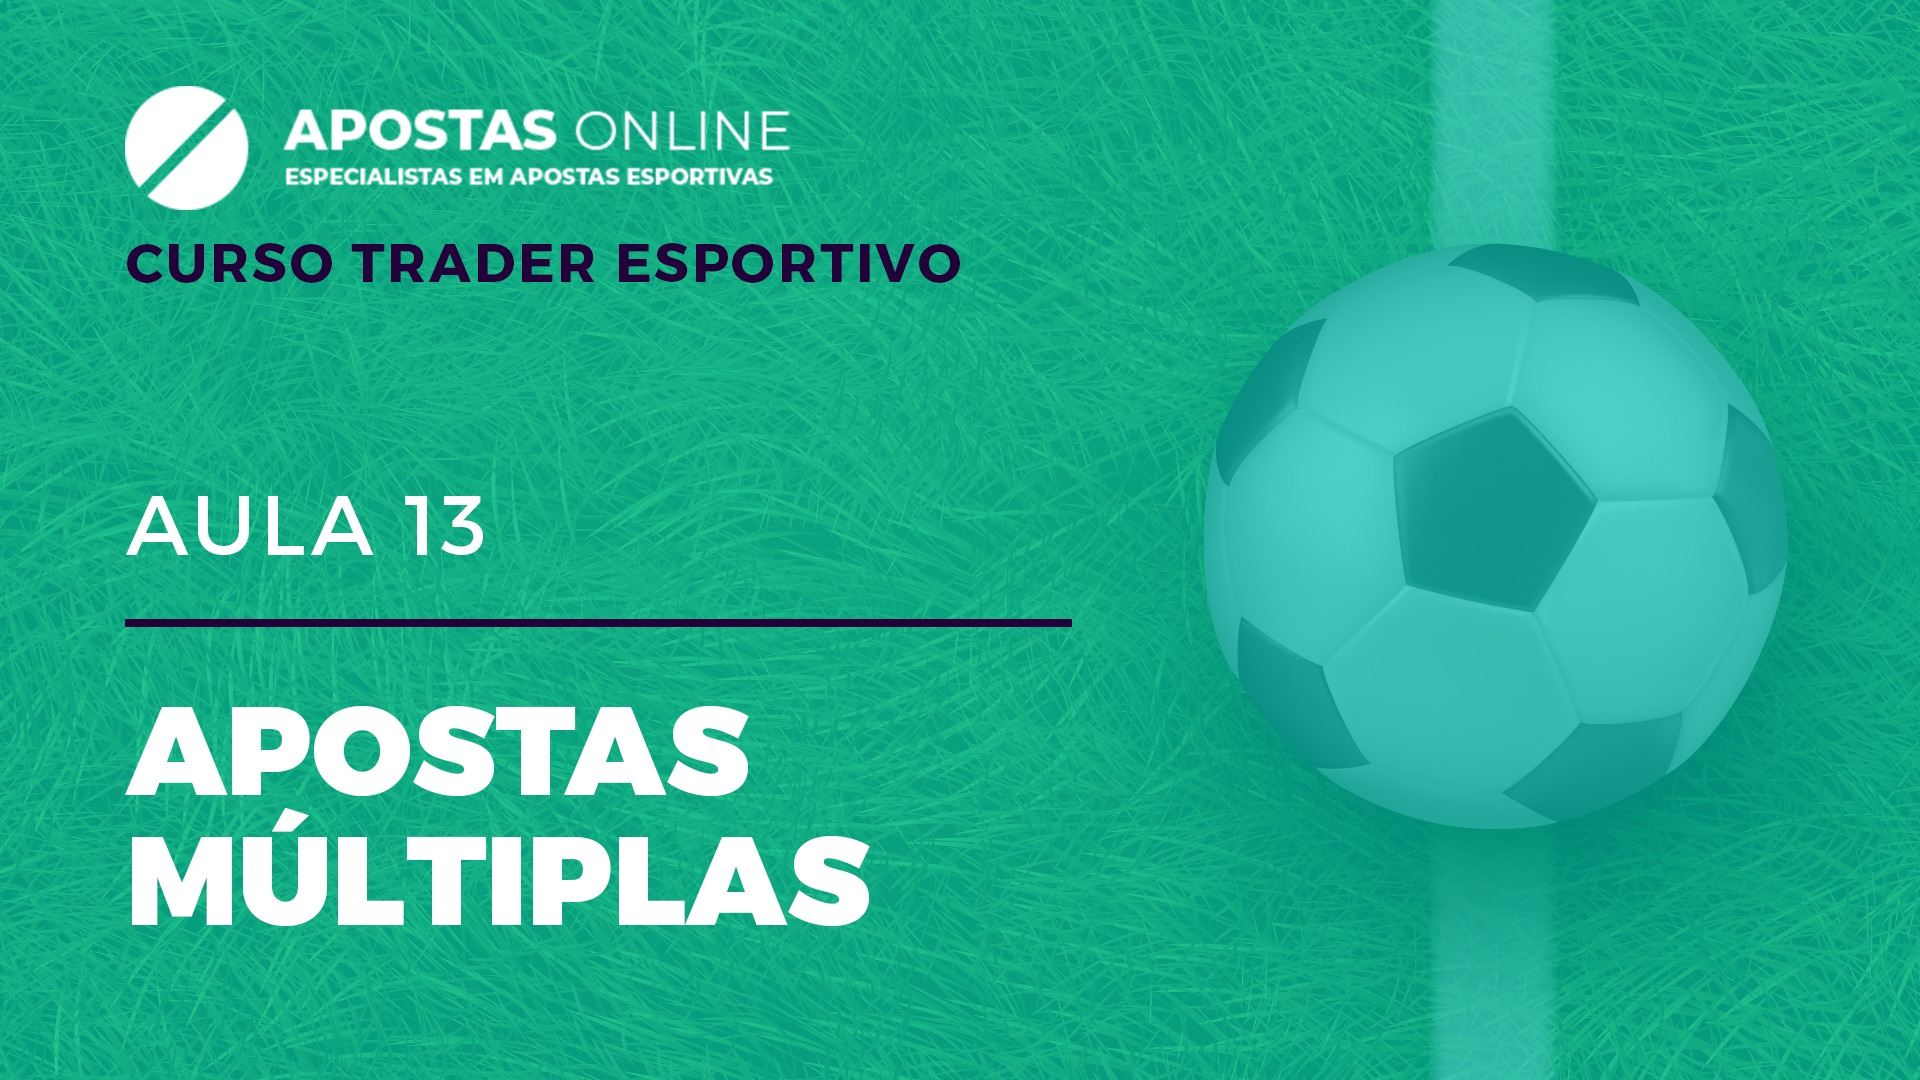 Curso Trader Esportivo: Apostas Múltiplas | Aula 13